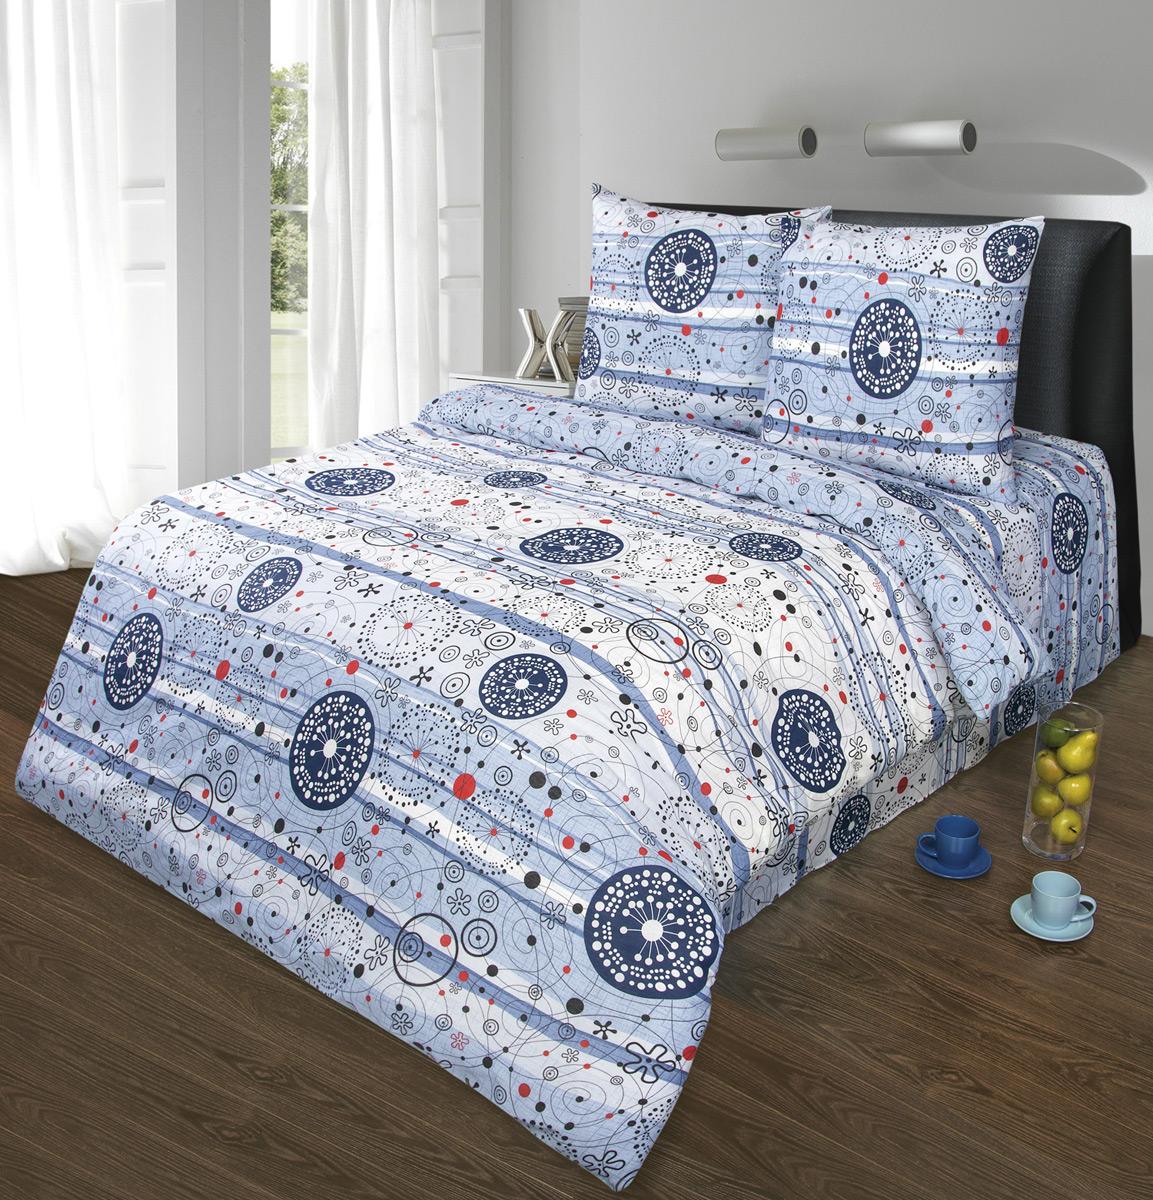 Комплект белья Шоколад Увертюра, 1,5-спальный, наволочки 70x70. Б1001501000987Комплект постельного белья Шоколад Увертюра является экологически безопасным для всей семьи, так как выполнен из натурального хлопка. Комплект состоит из пододеяльника, простыни и двух наволочек. Постельное белье оформлено оригинальным рисунком и имеет изысканный внешний вид.Бязь - это ткань полотняного переплетения, изготовленная из экологически чистого и натурального 100% хлопка. Она прочная, мягкая, обладает низкой сминаемостью, легко стирается и хорошо гладится. Бязь прекрасно пропускает воздух и за ней легко ухаживать. При соблюдении рекомендуемых условий стирки, сушки и глажения ткань имеет усадку по ГОСТу, сохранятся яркость текстильных рисунков. Приобретая комплект постельного белья Шоколад Увертюра, вы можете быть уверены в том, что покупка доставит вам и вашим близким удовольствие иподарит максимальный комфорт.